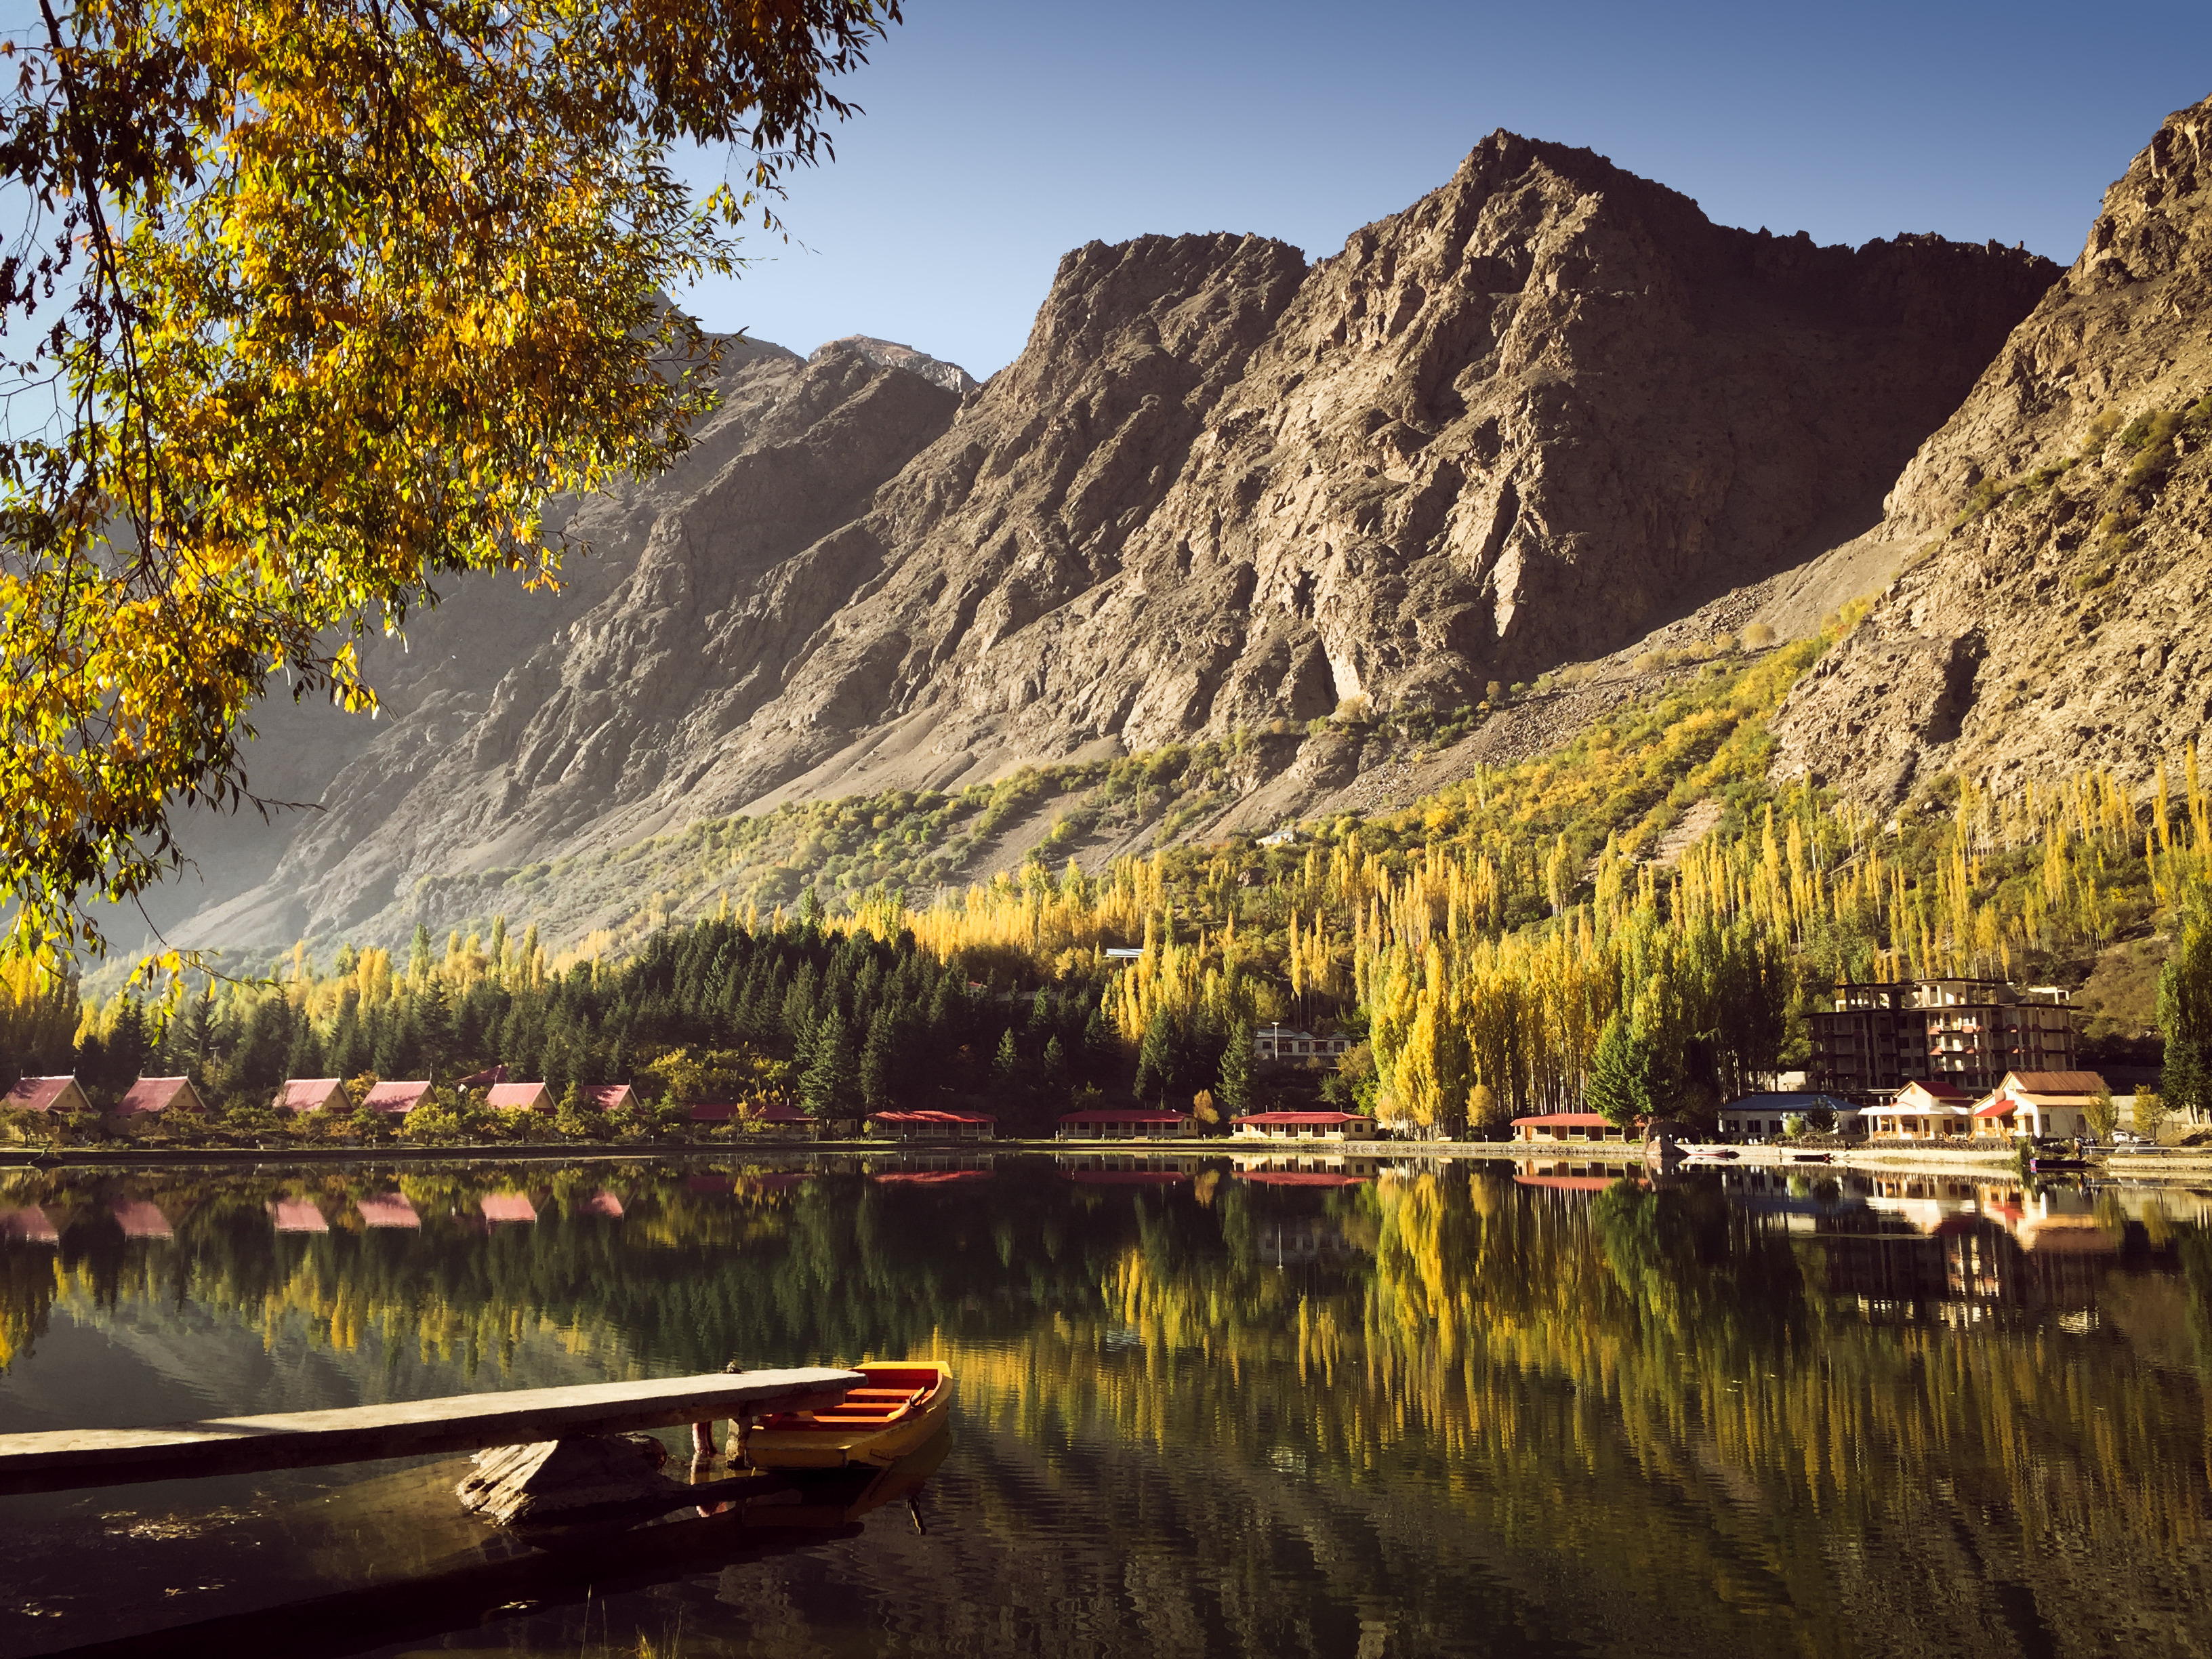 vista del paisaje del lago kachura